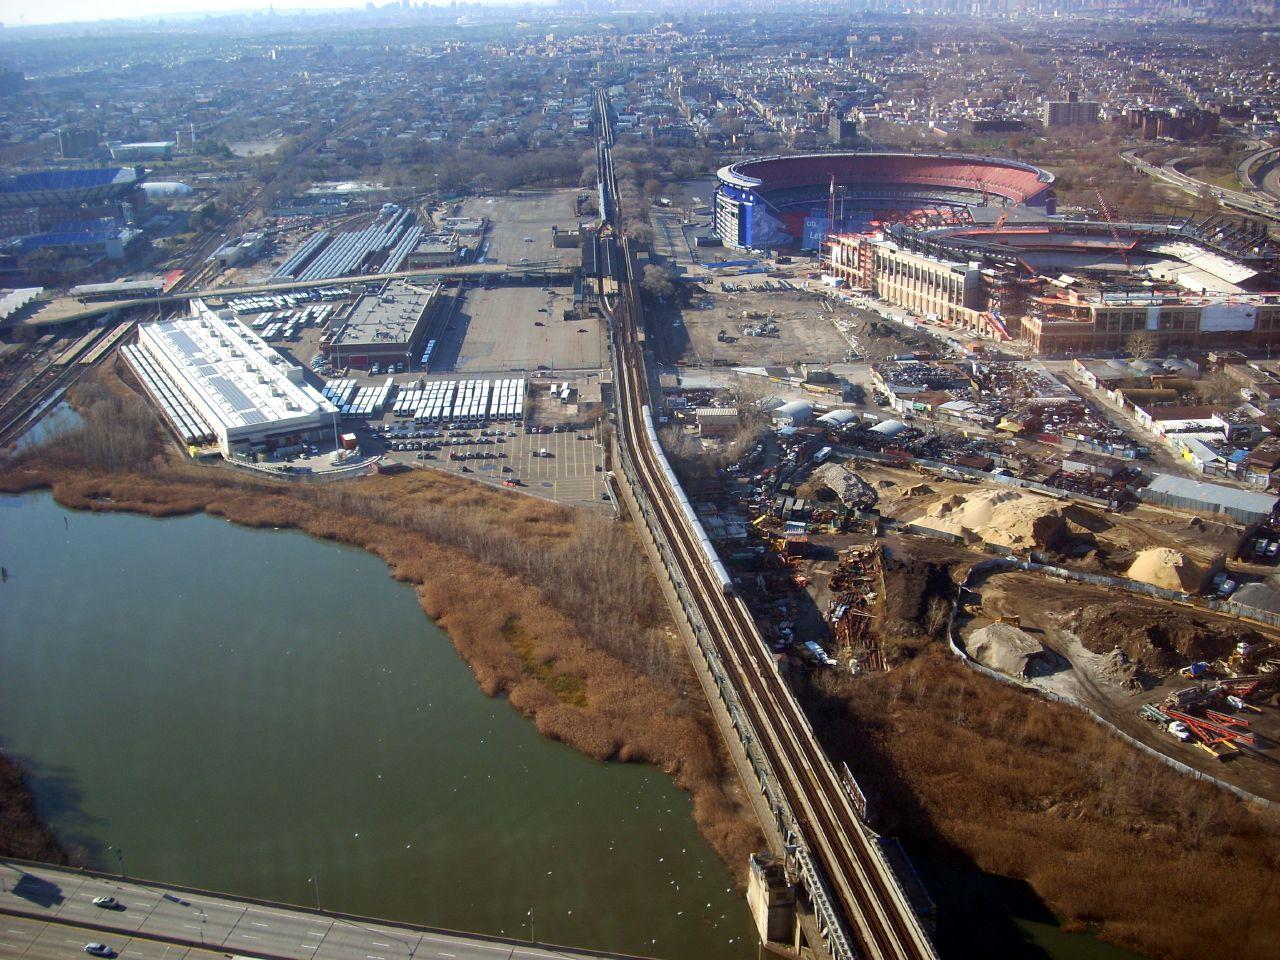 Citi Field - Nuevo Estadio de los New York Mets (2009) - Página 2 2138524250_785e818781_o